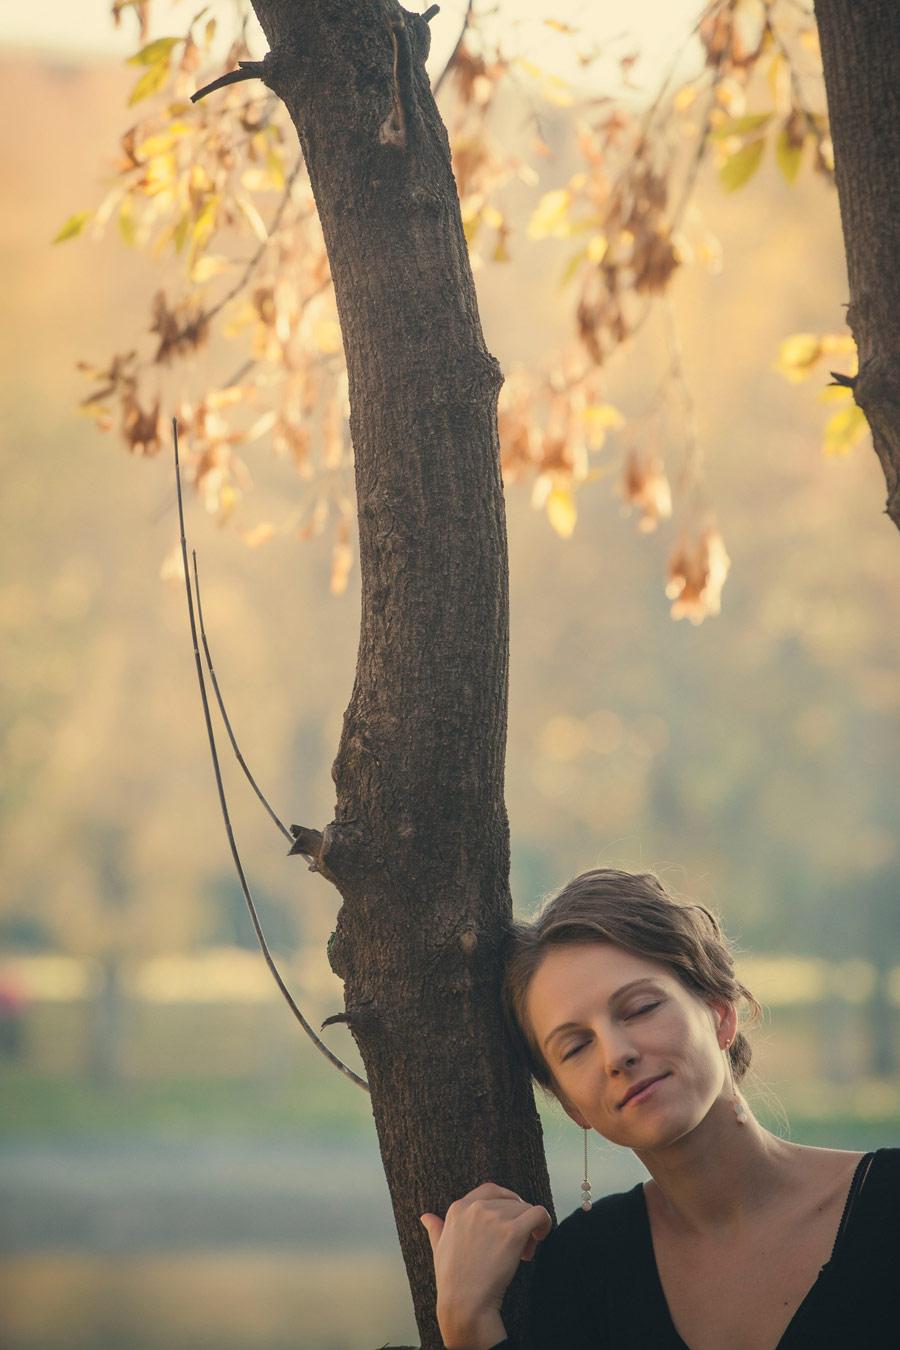 Влюбленная в осень, © Анастасия, Фотоконкурс «Осенний портрет»